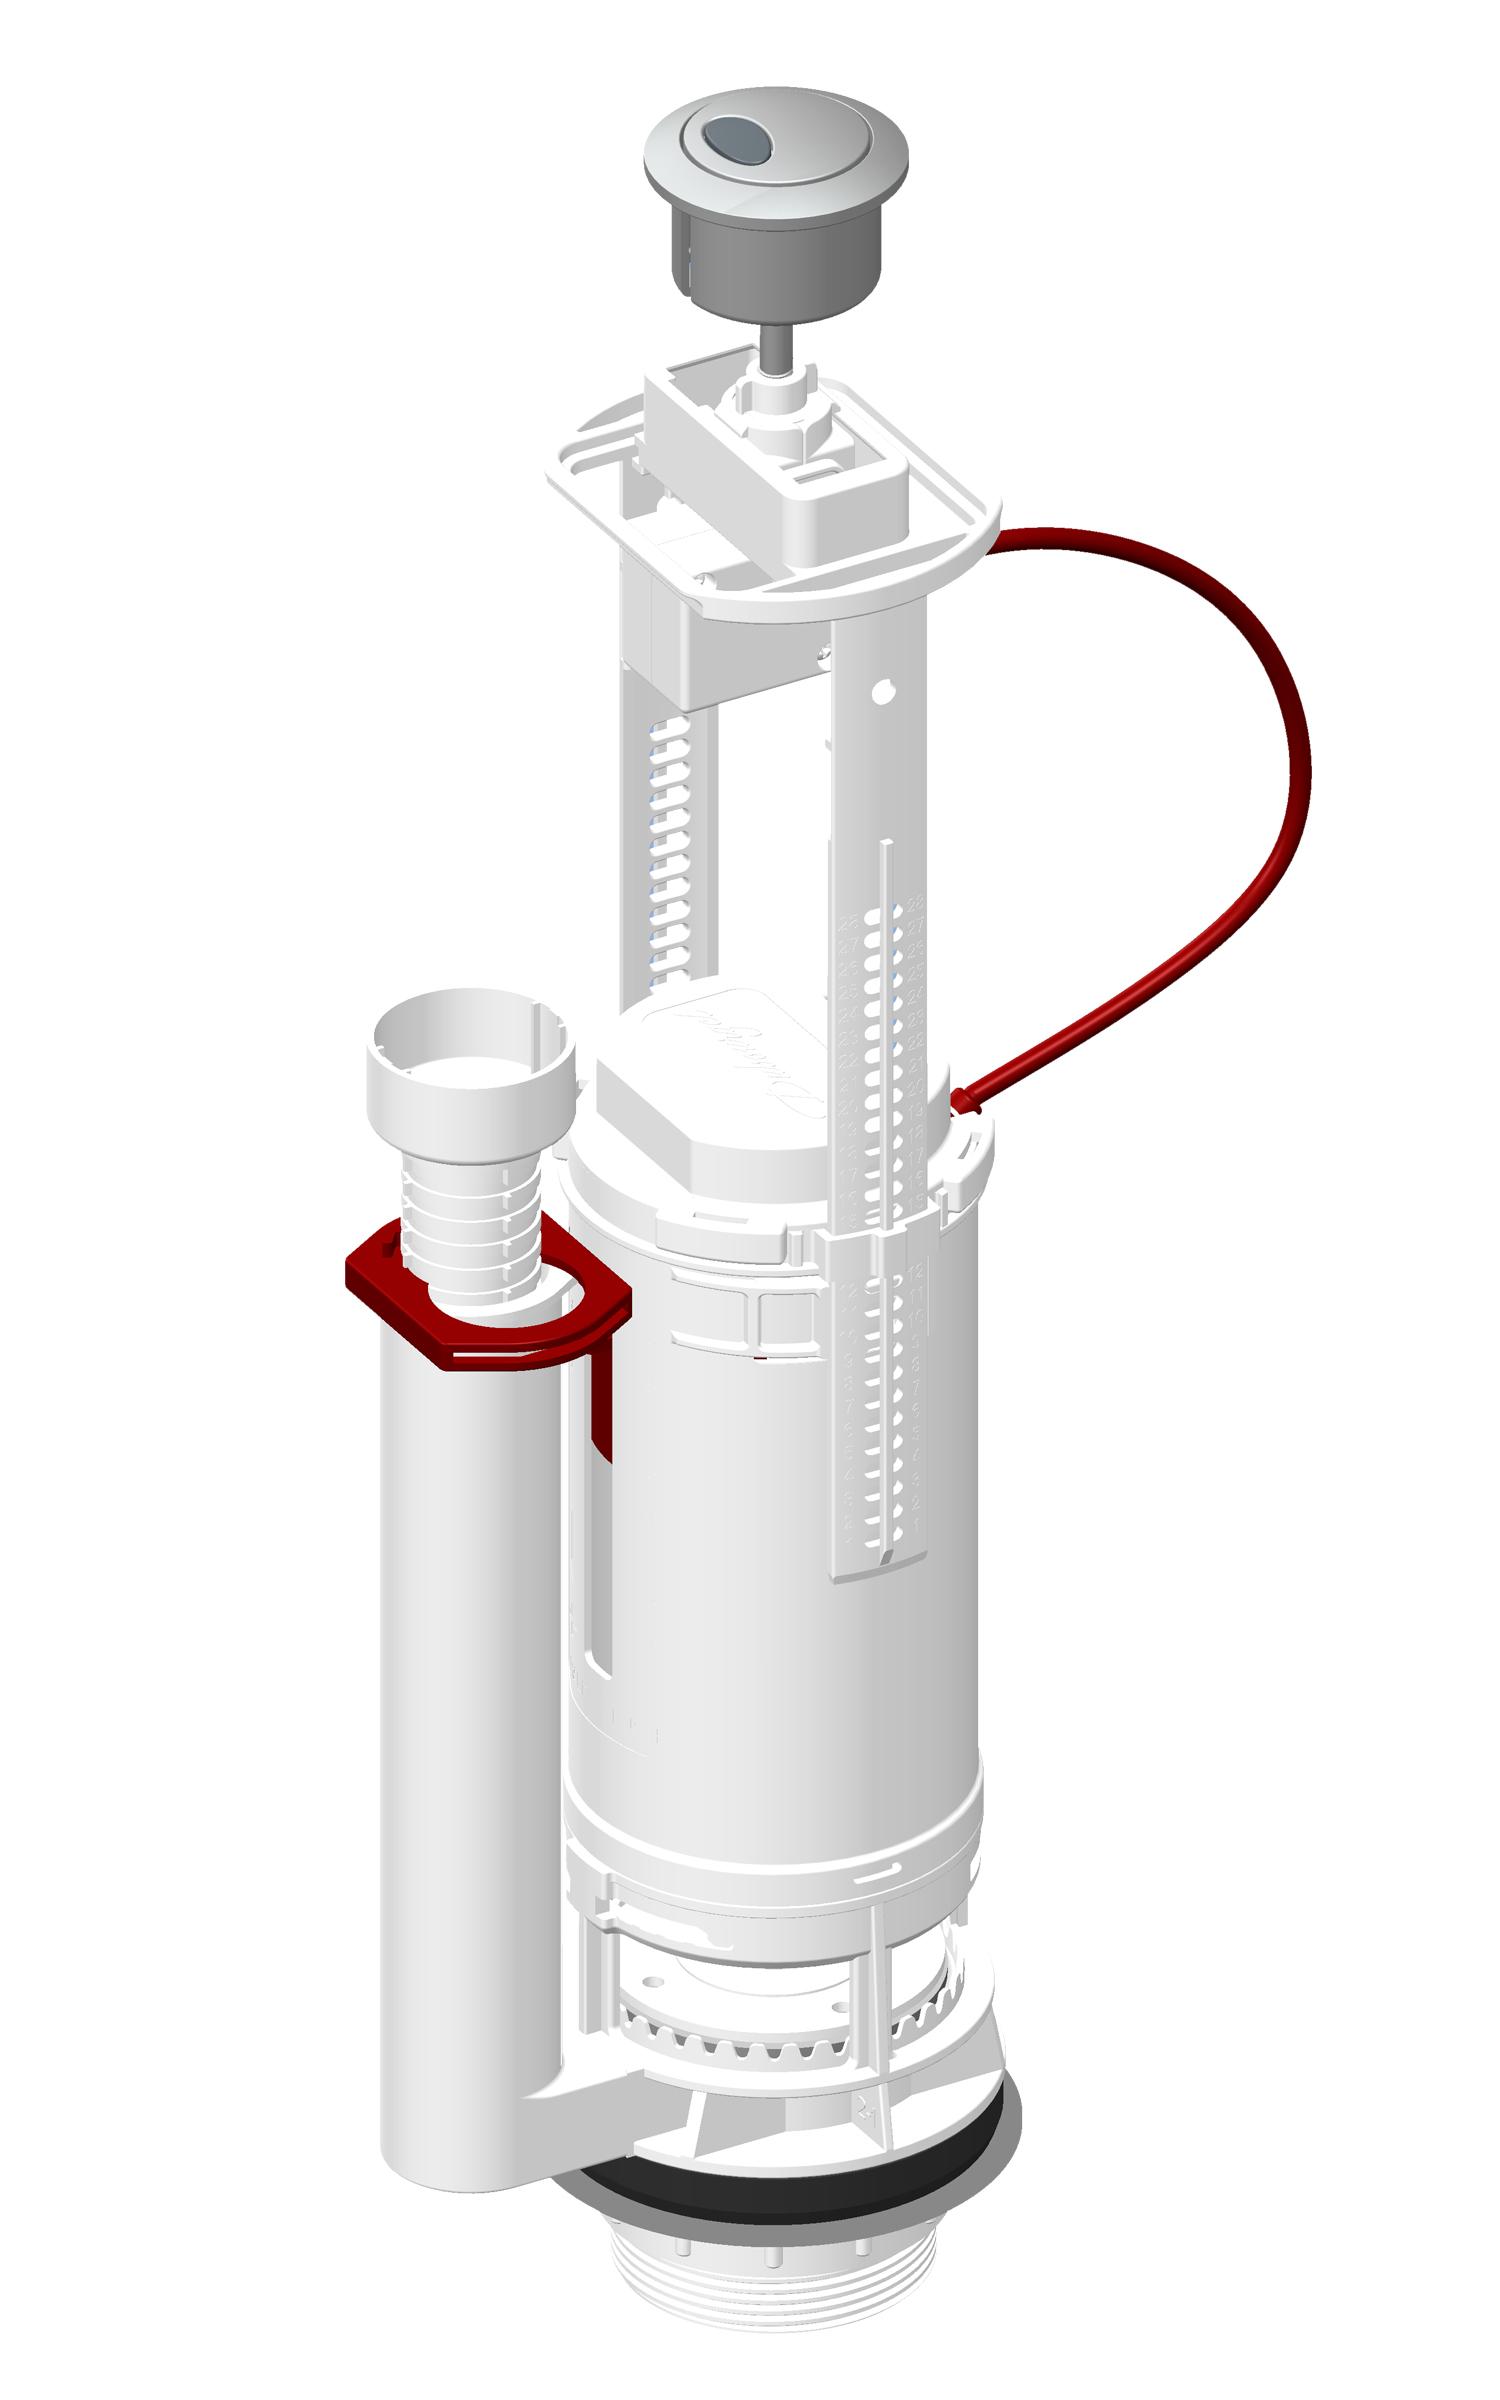 Reglage chasse d eau double changez le joint du mcanisme de chasse dueau mp reglage chasse d - Reglage chasse d eau double commande ...